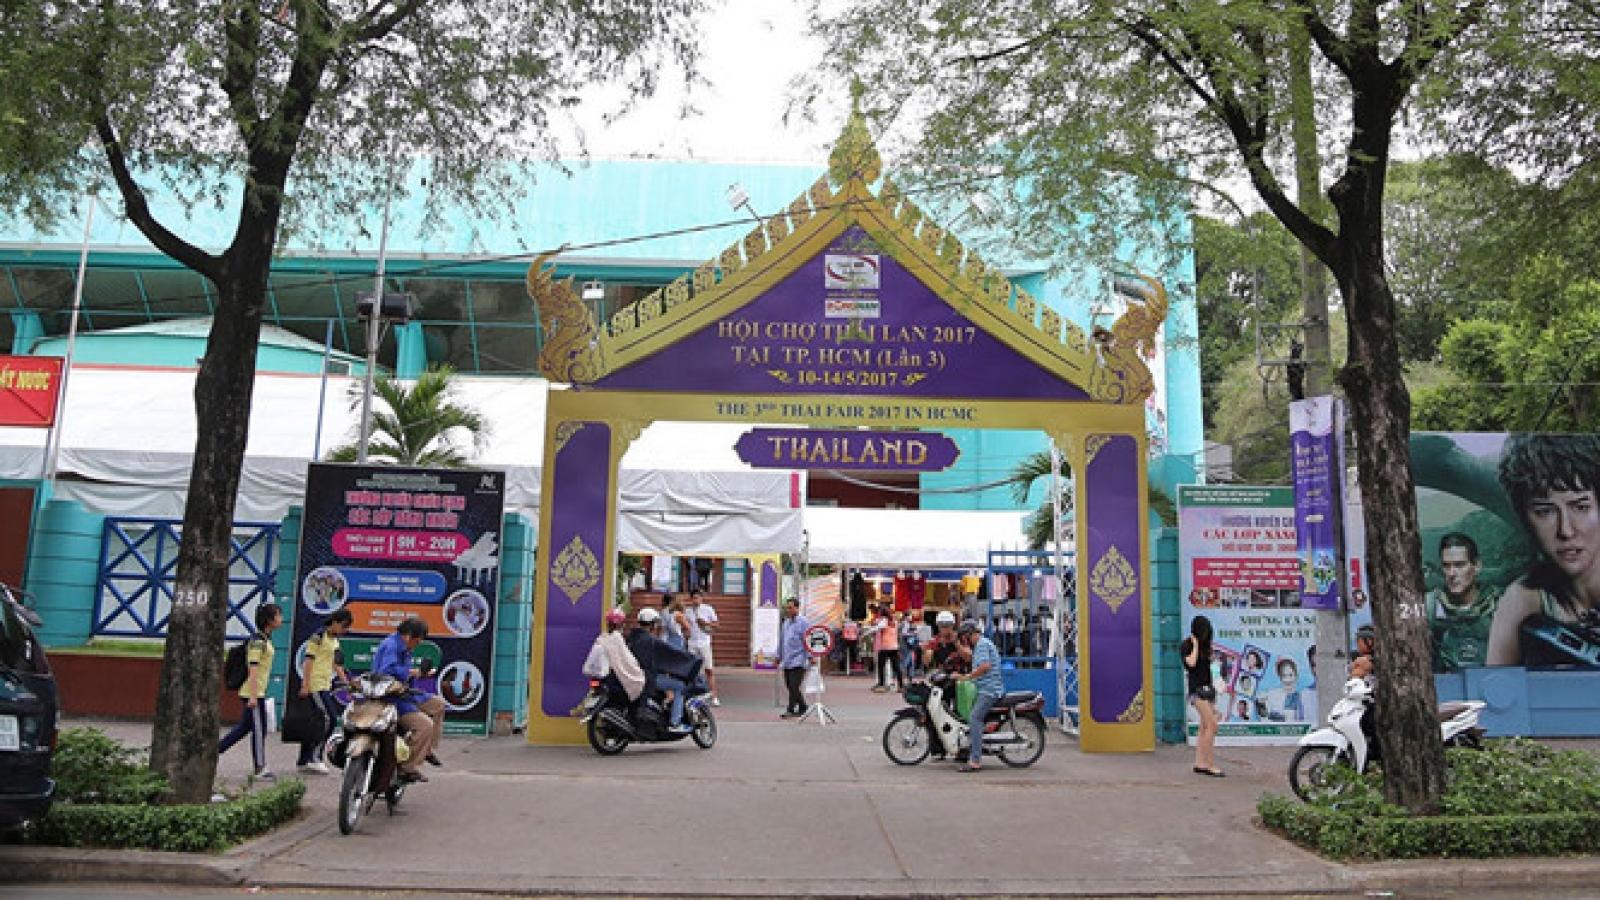 Thai trade fair gets underway in HCM City